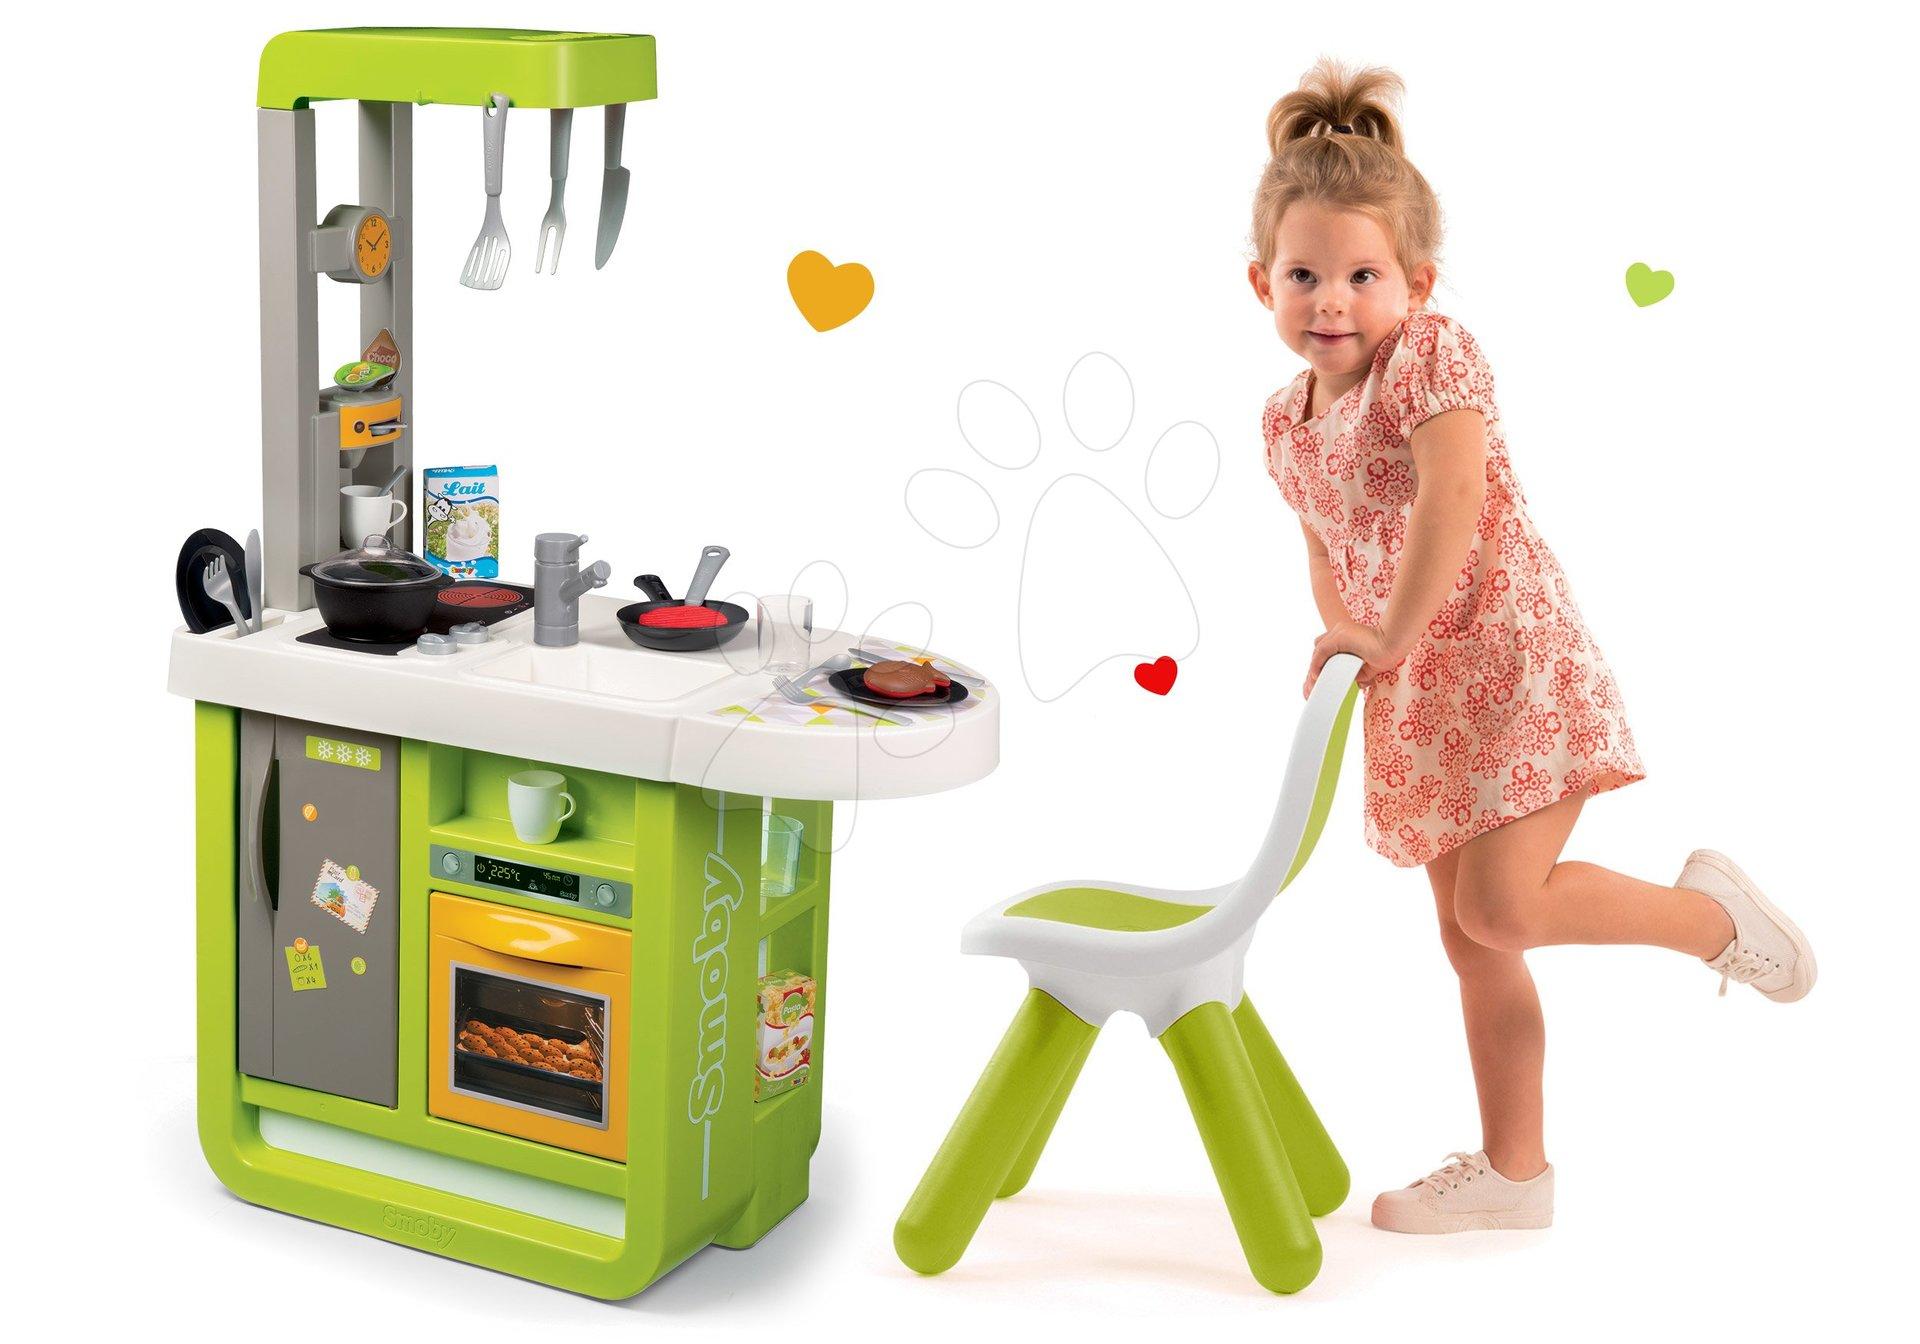 Set kuchynka Cherry Smoby so zvukmi a stolička pre deti KidChair